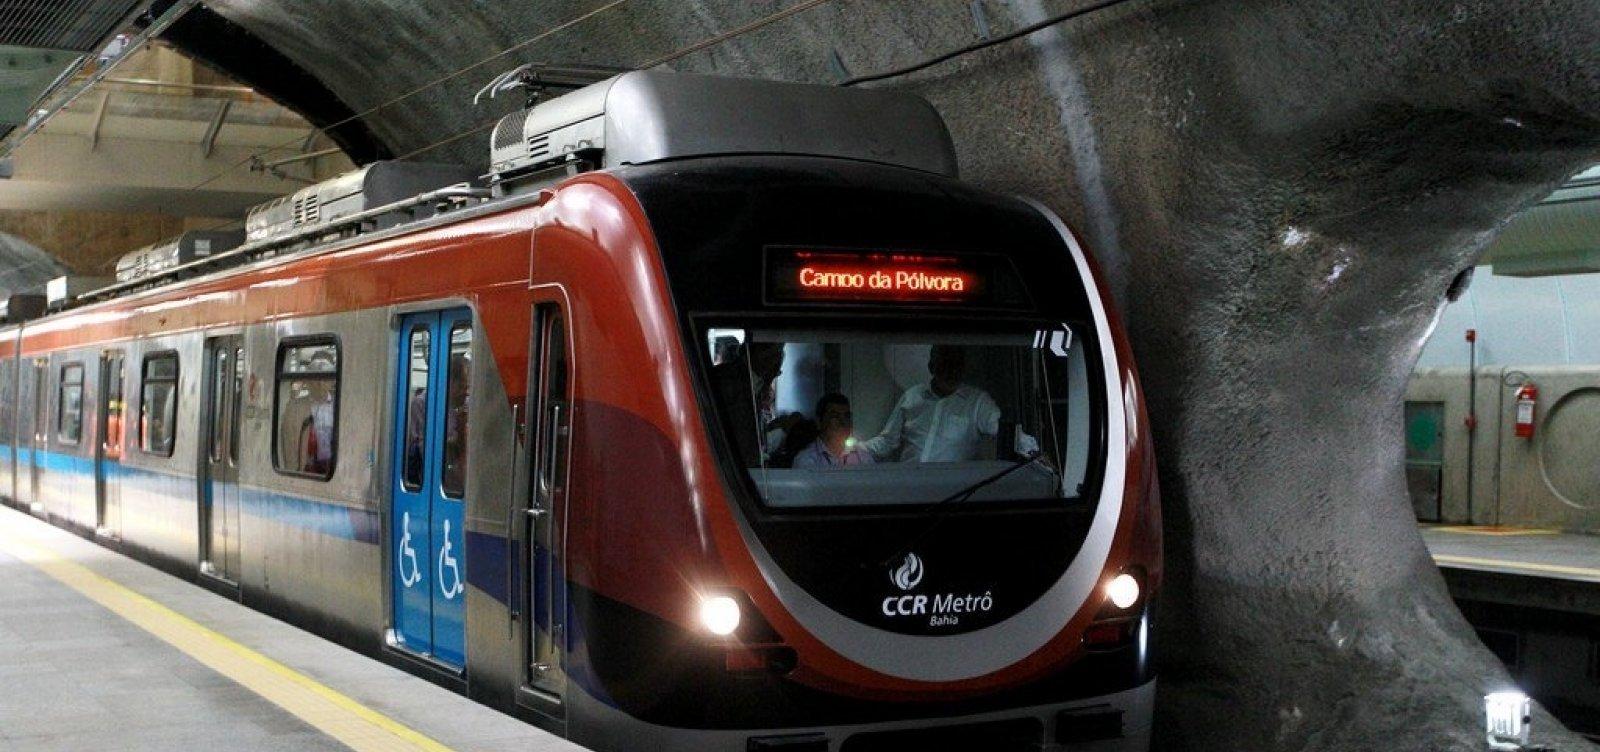 Licitação para levar metrô até Cajazeiras será aberta nesta semana